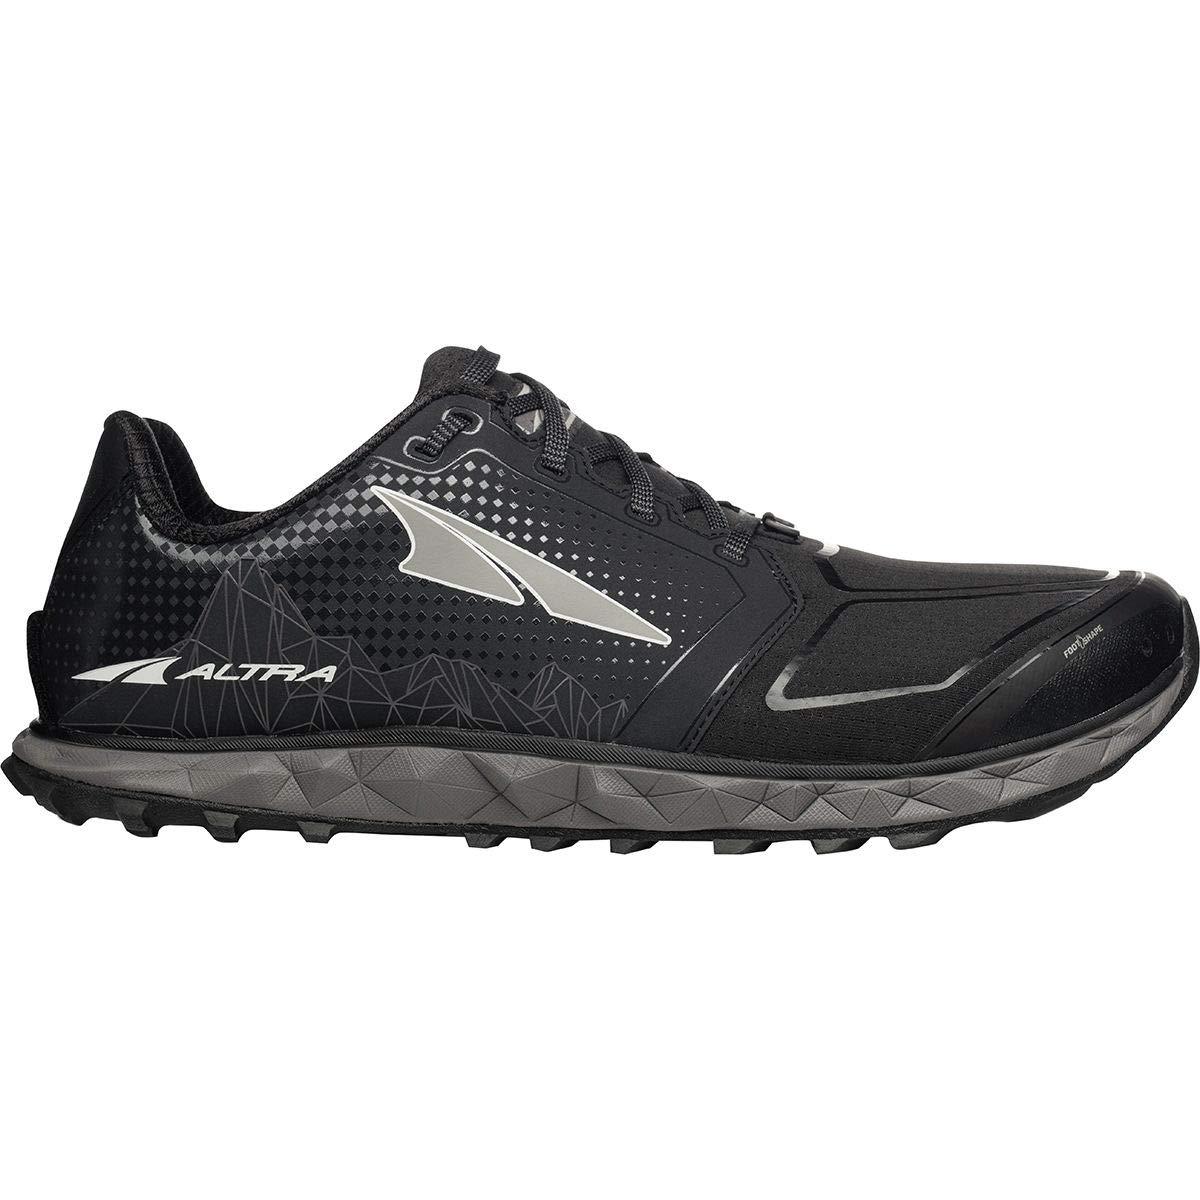 【楽天ランキング1位】 [オルトラ] メンズ ランニング Superior 4.0 Trail Running Shoe [並行輸入品] B07NZLT59Z   10, イワクニシ ad2377d2